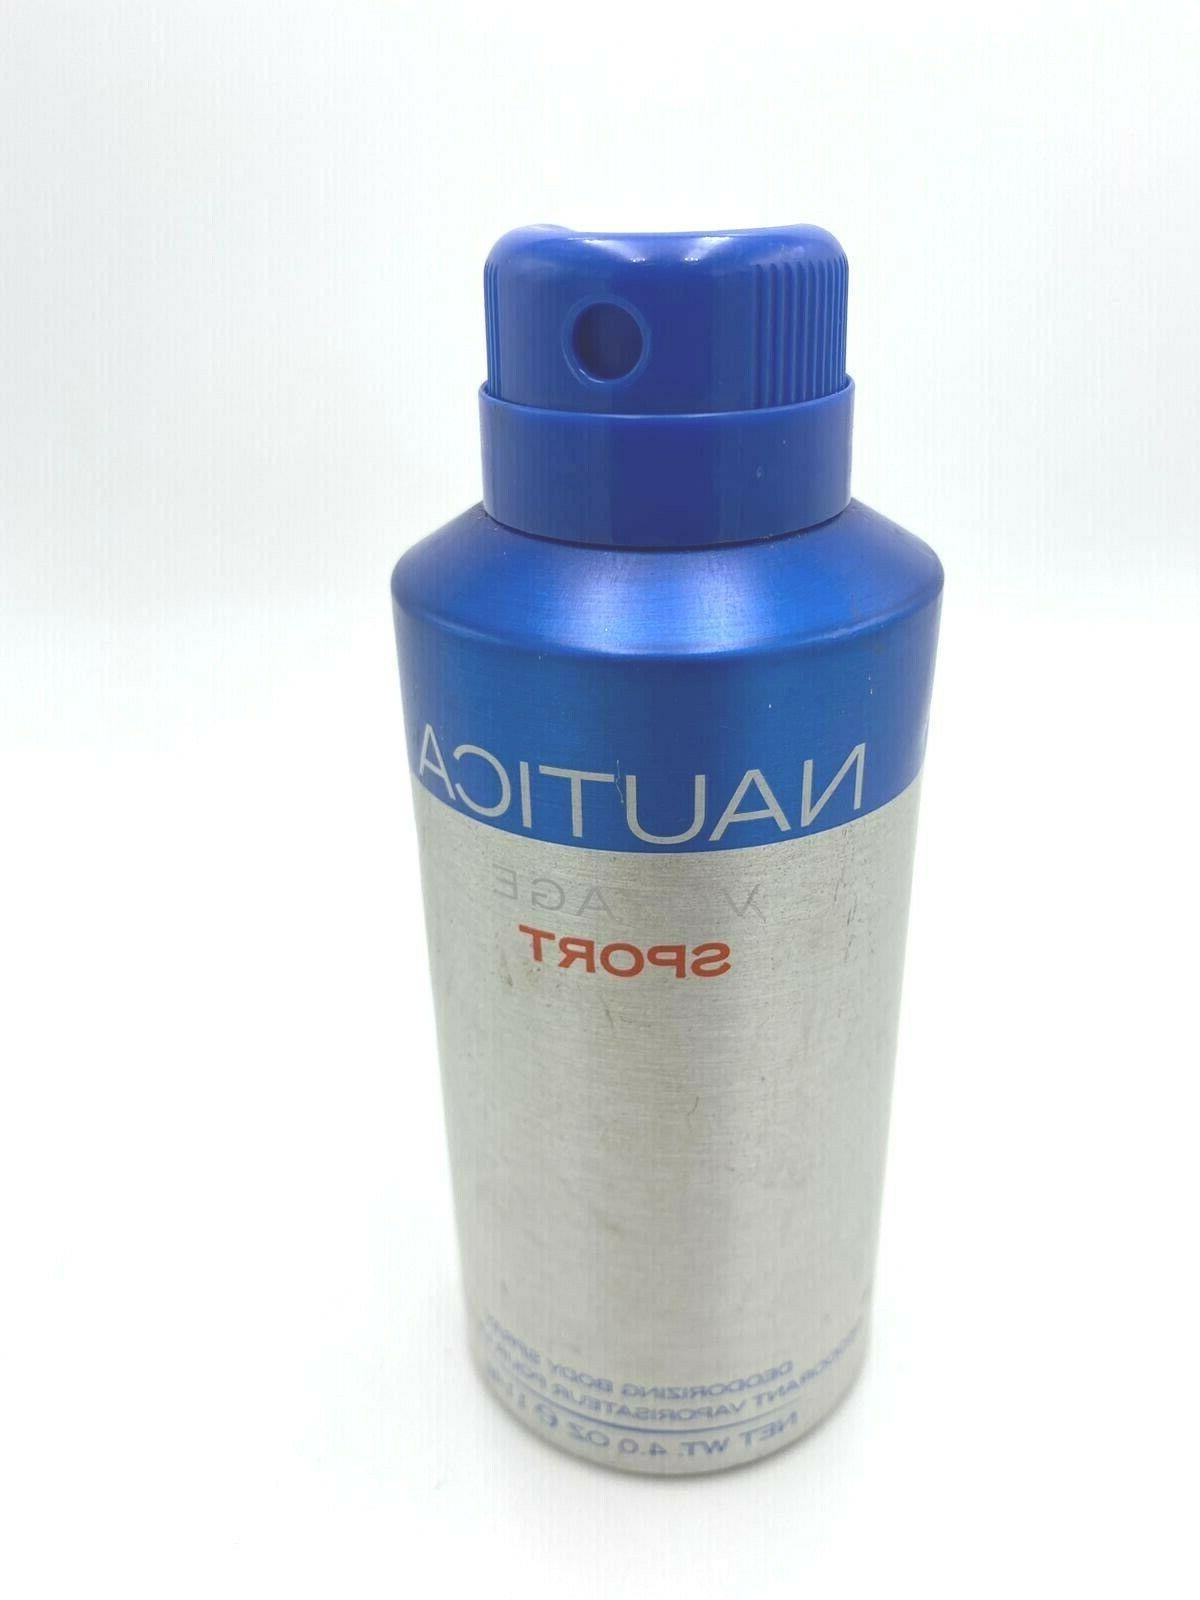 Nautica Voyage Sport Body Spray 4.0 oz 114 g